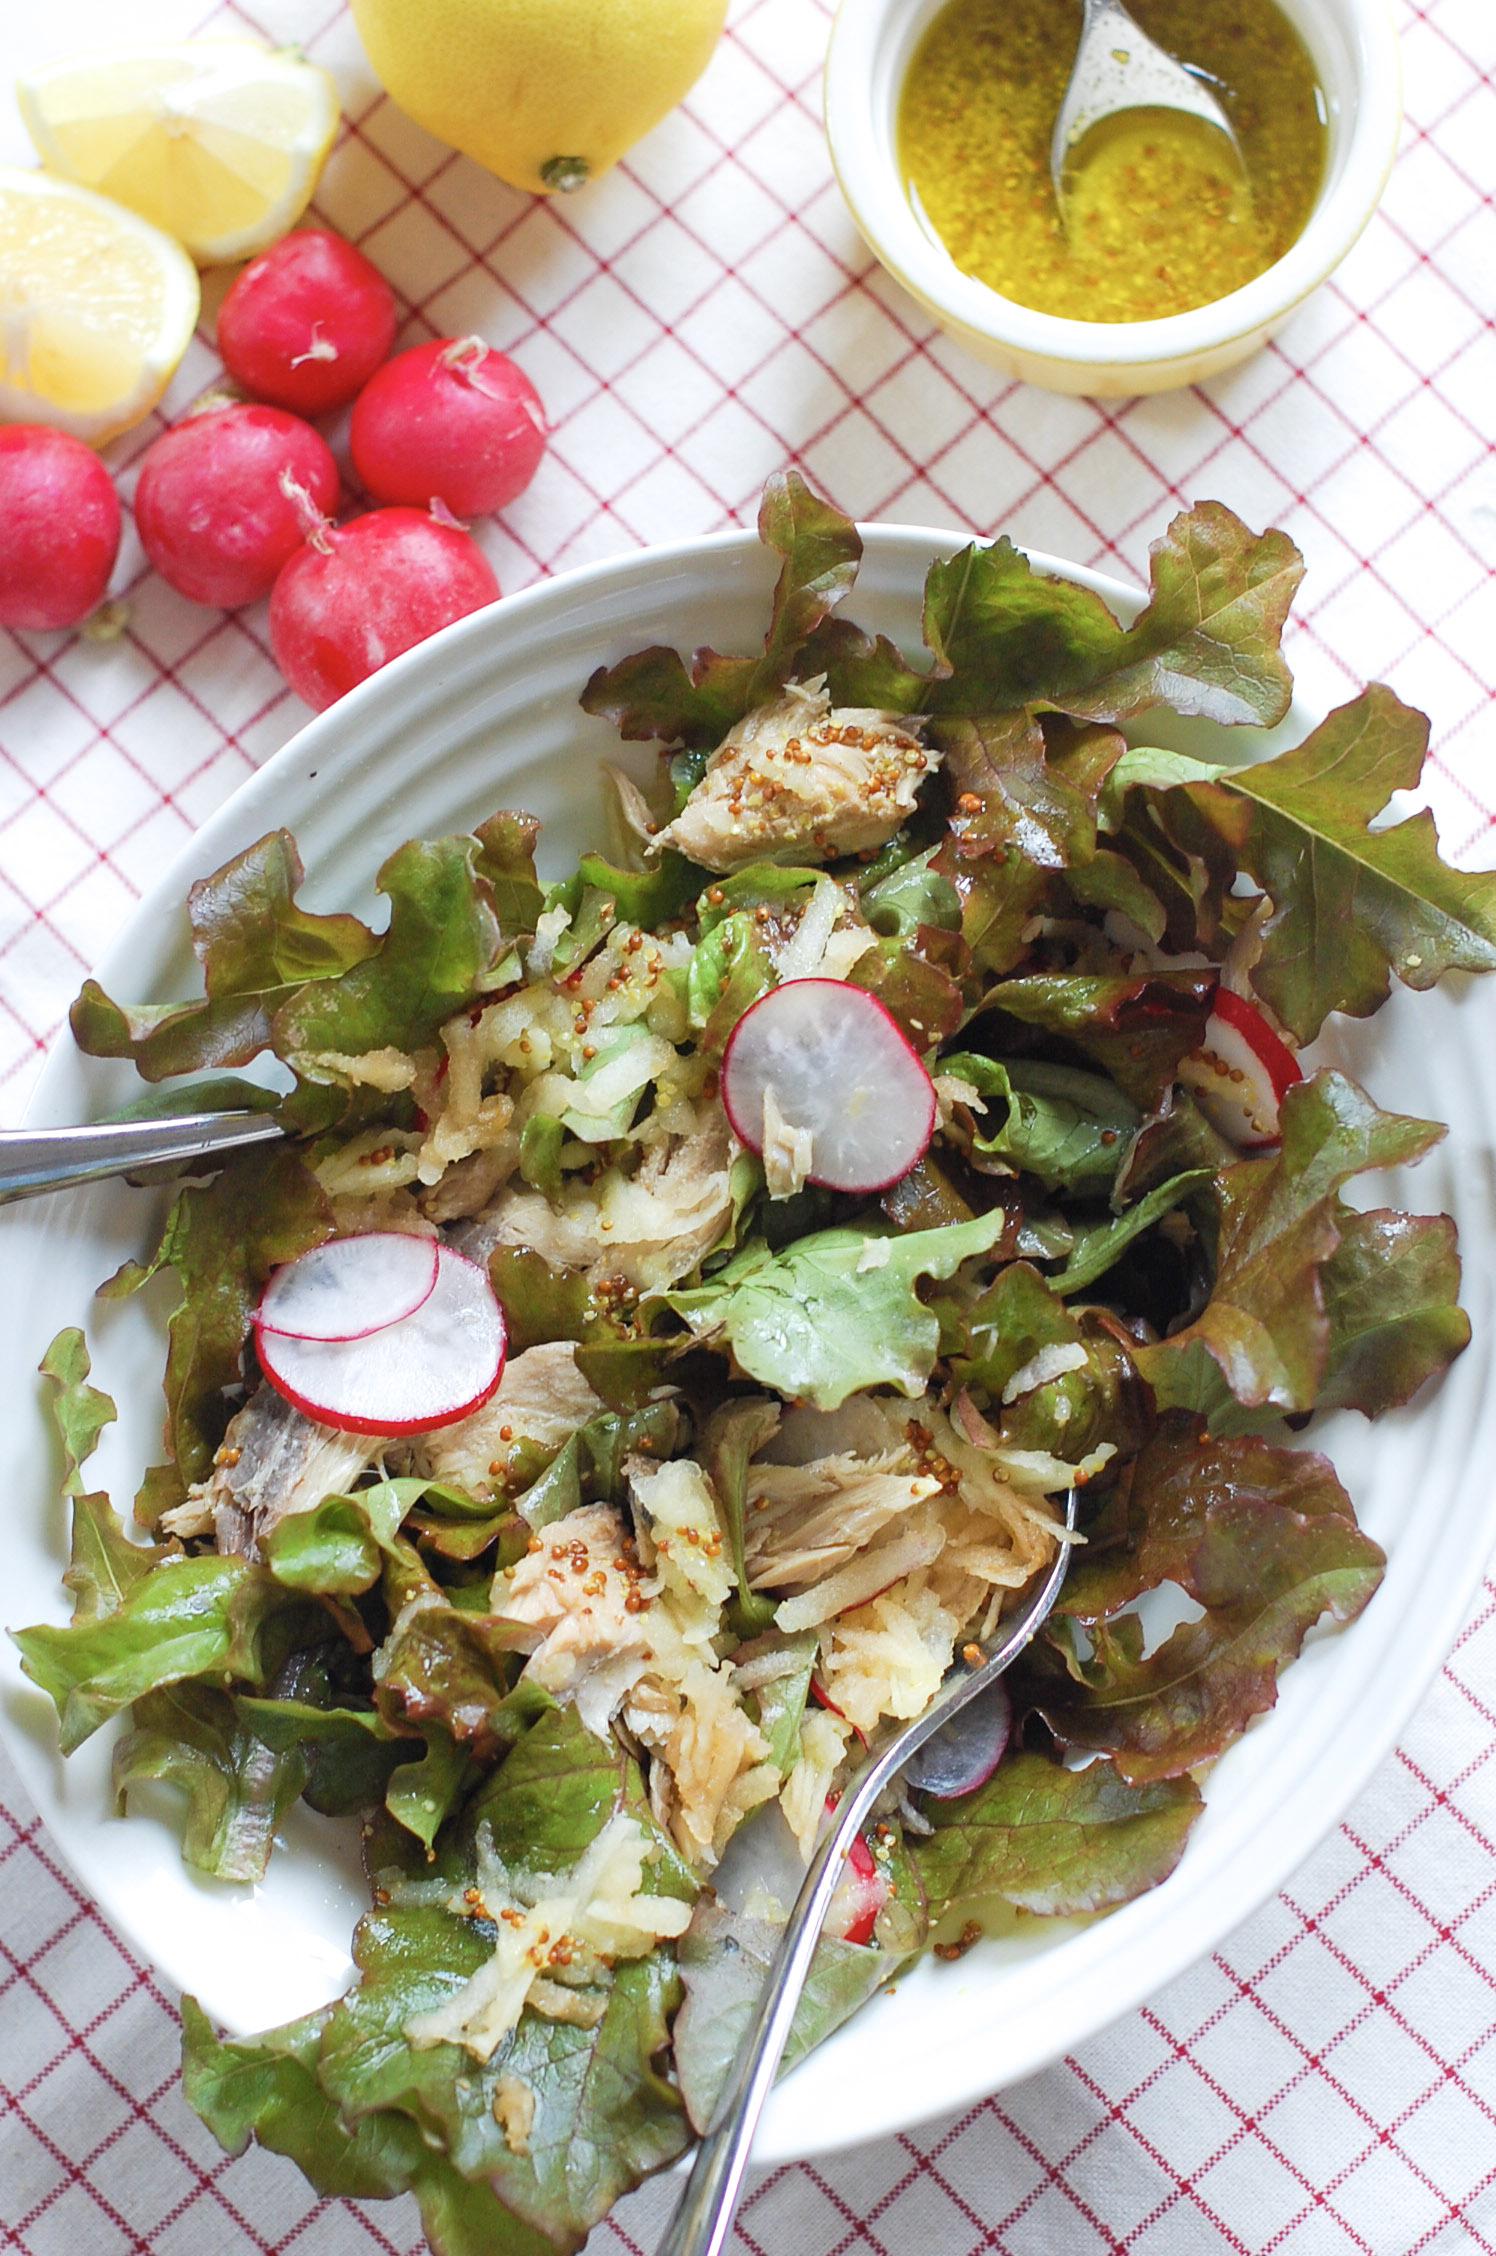 Tinned Mackerel Salad with Lemon Vinaigrette